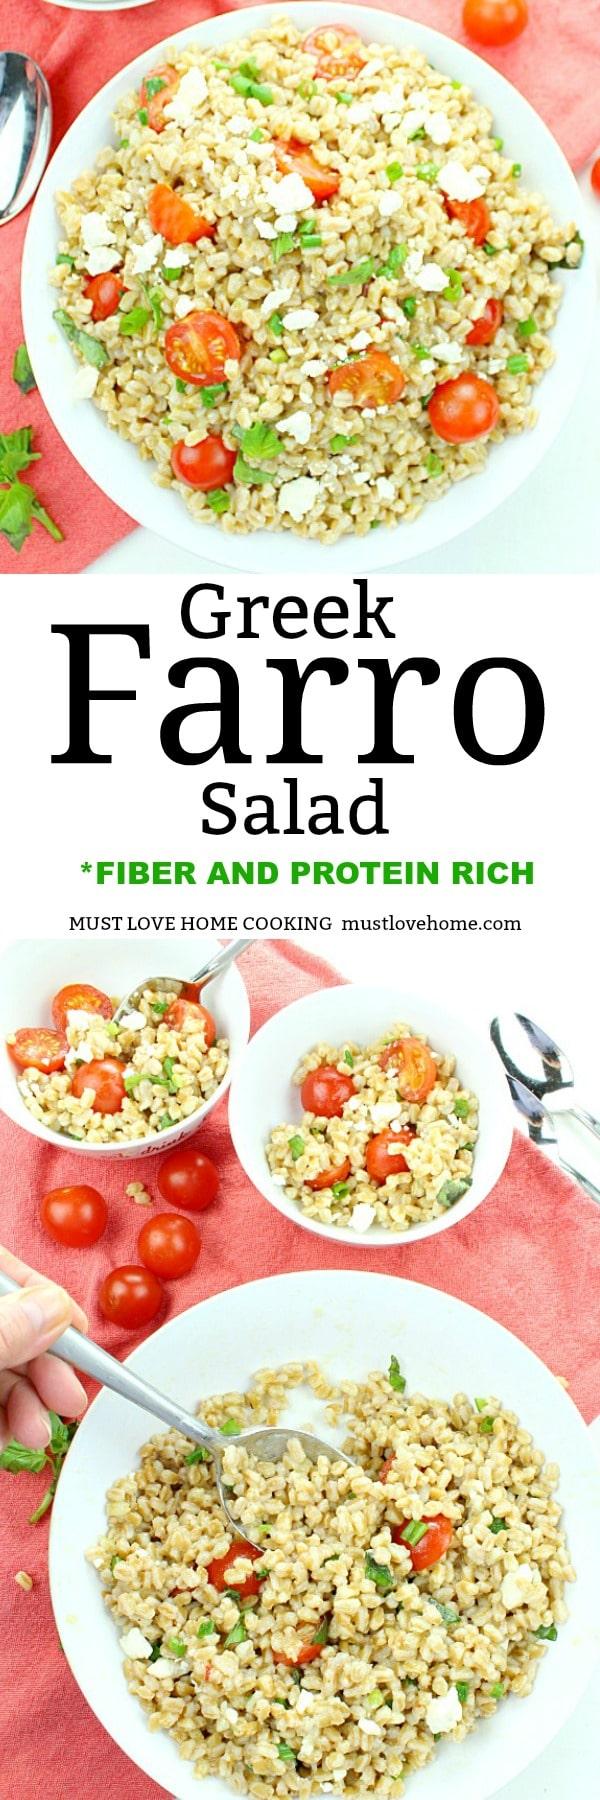 Greek Farro Tomato Salad rich in protein and fiber